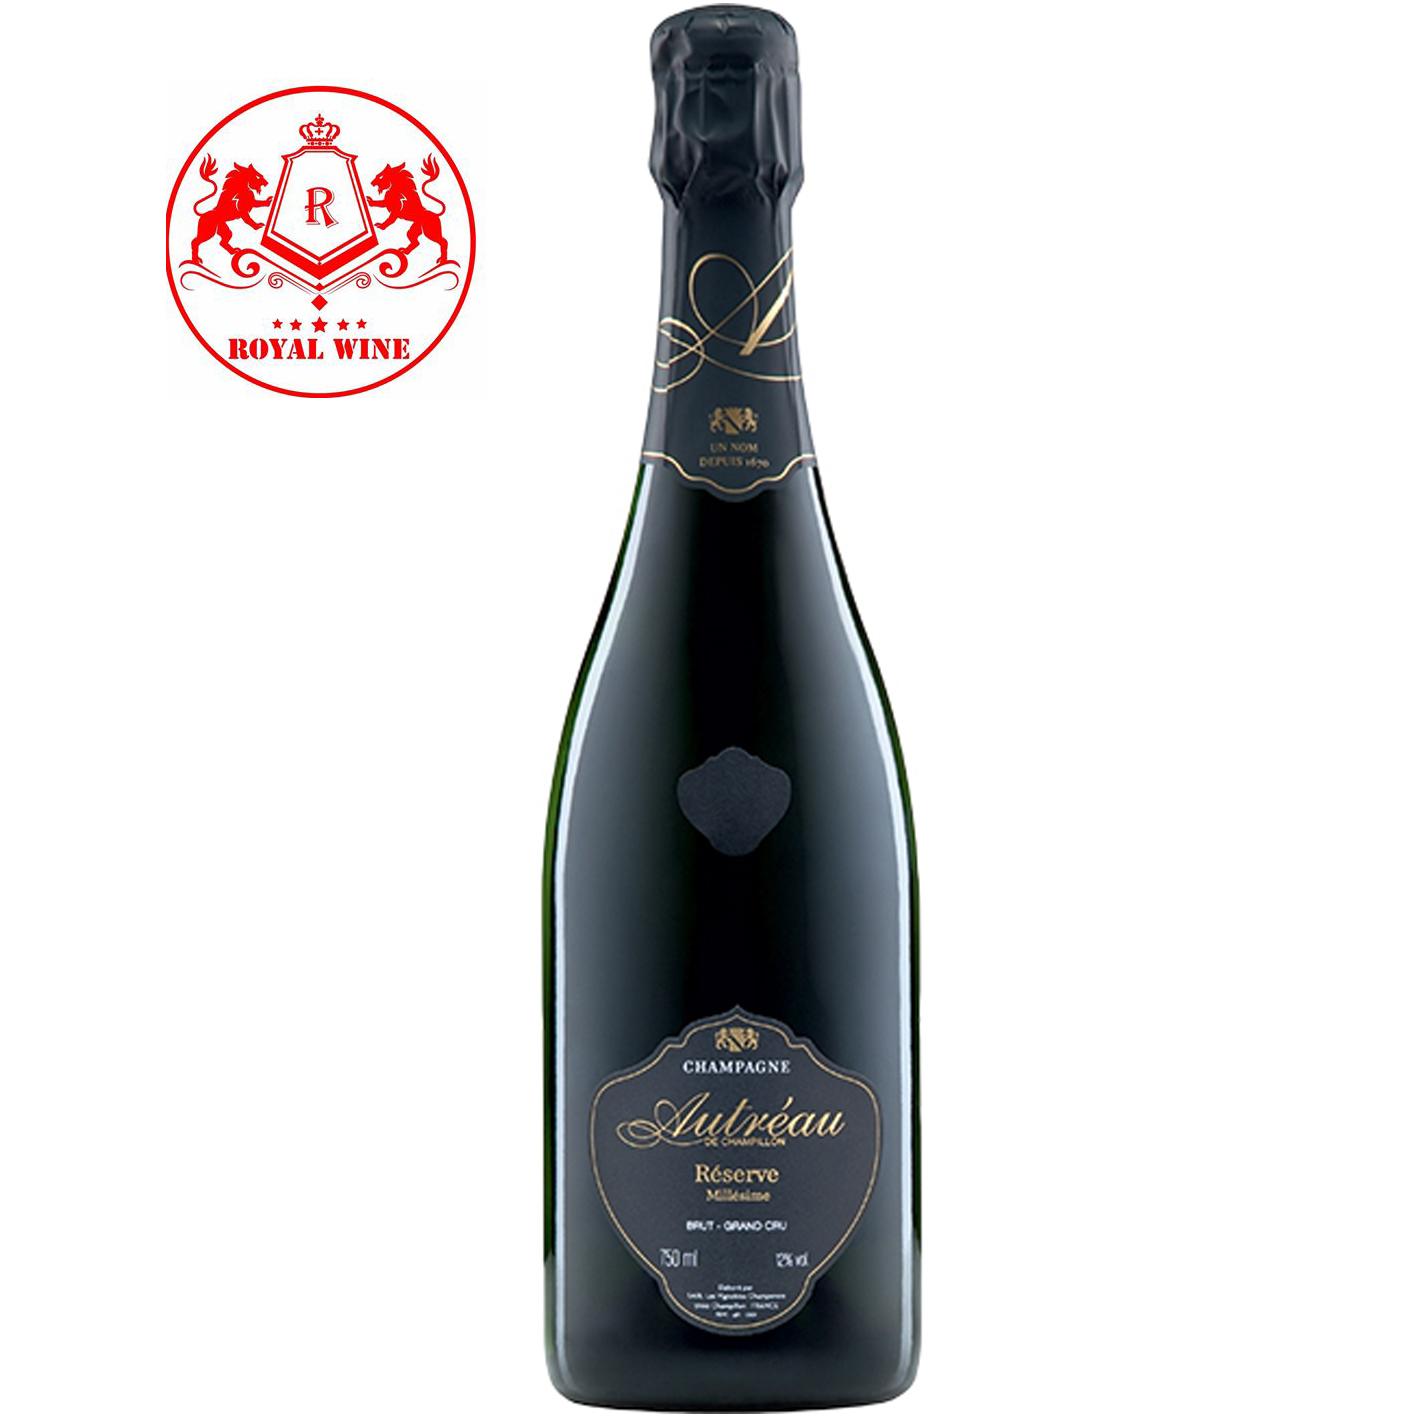 Champagne Autreau Reserve Grand Cru